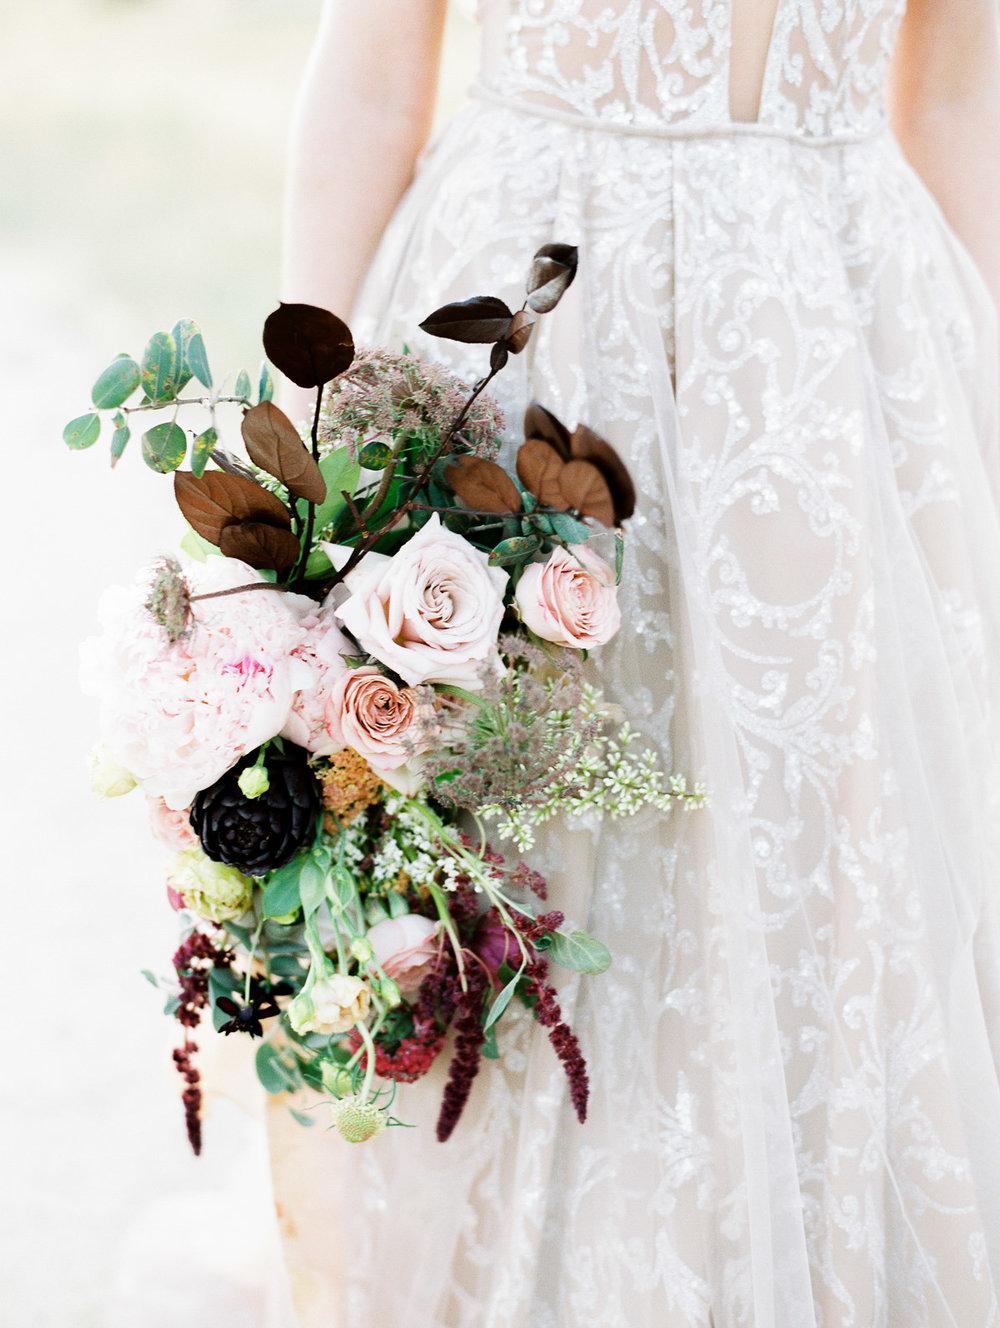 kestrel-park-wedding-photographer-55.jpg